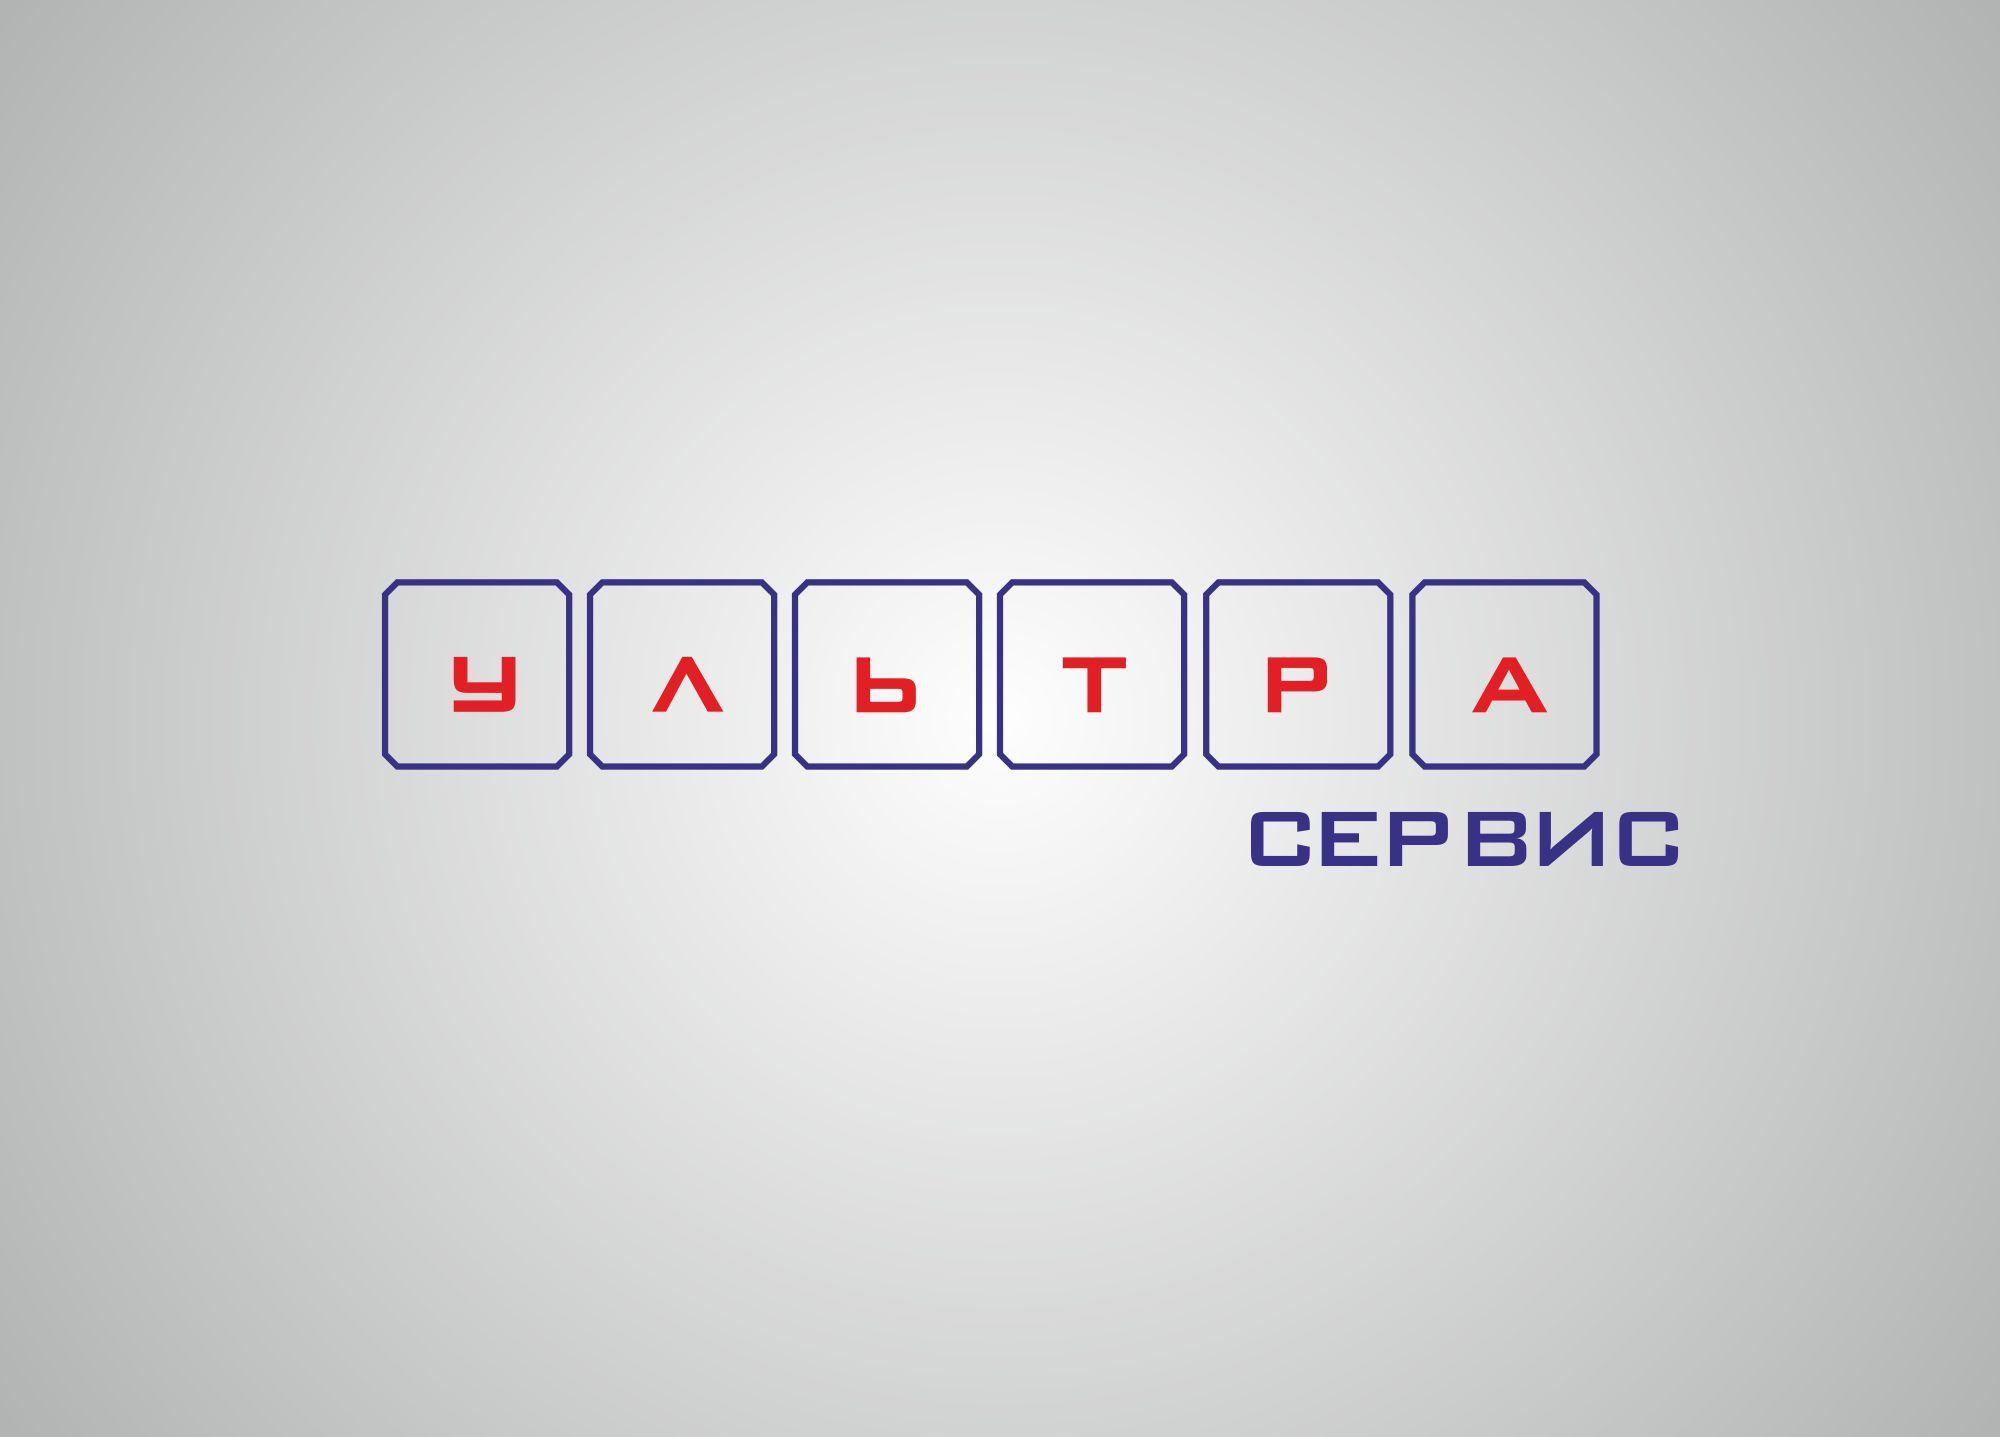 Логотип и фирменный стиль сервисного центра - дизайнер ThCat